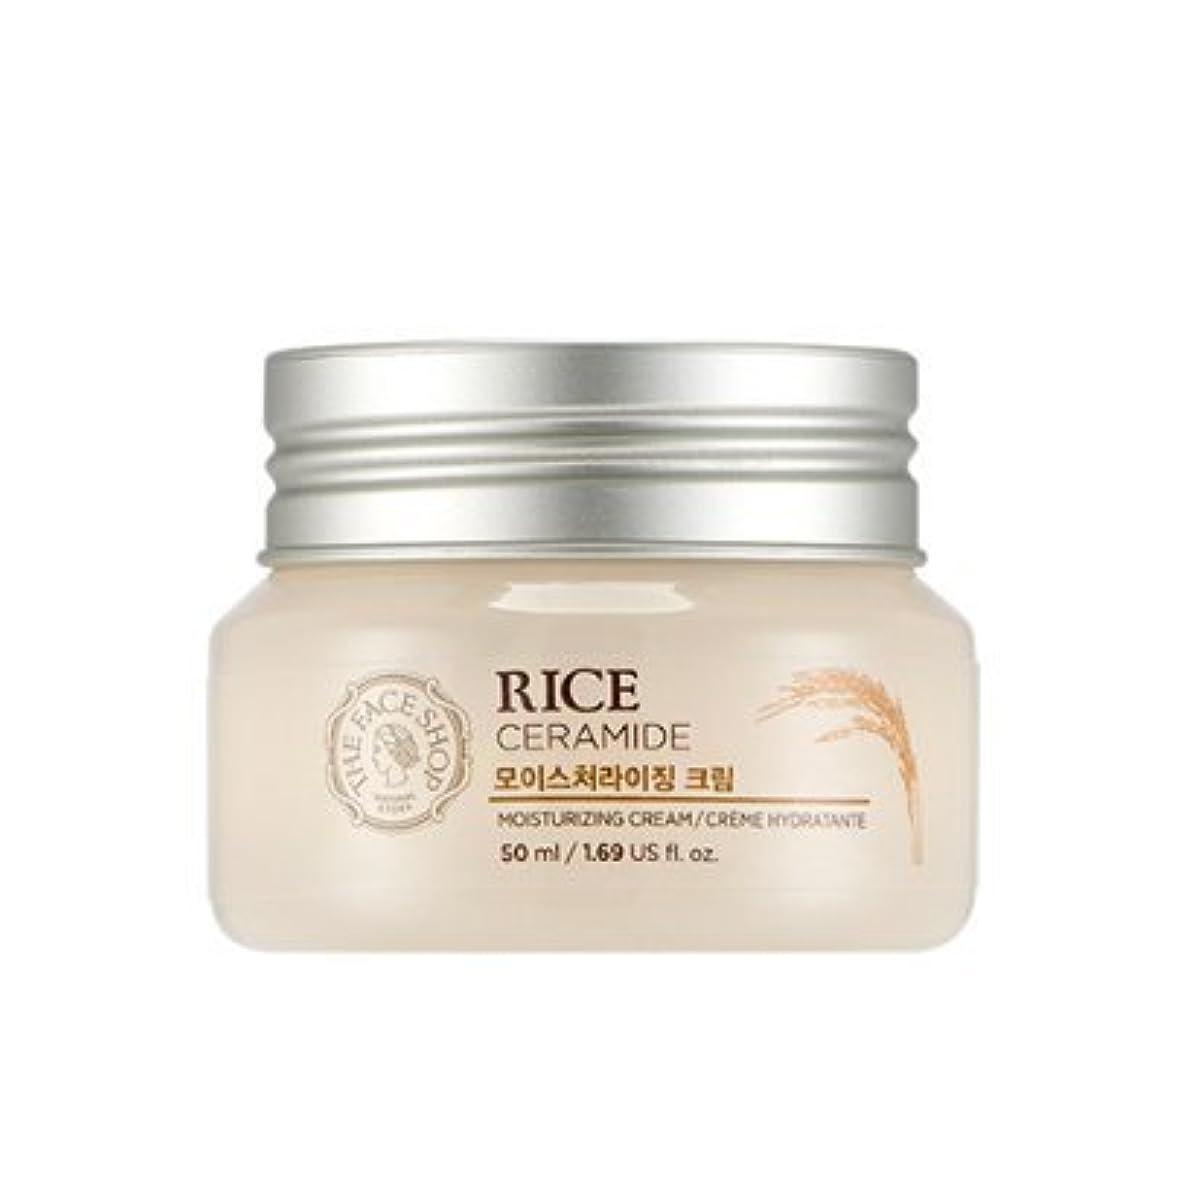 重量スイッチ伸ばすTHE FACE SHOP Rice & Ceramide Moisturizing Cream ザフェイスショップ ライス&セラミドモイスチャーライジングクリーム [並行輸入品]